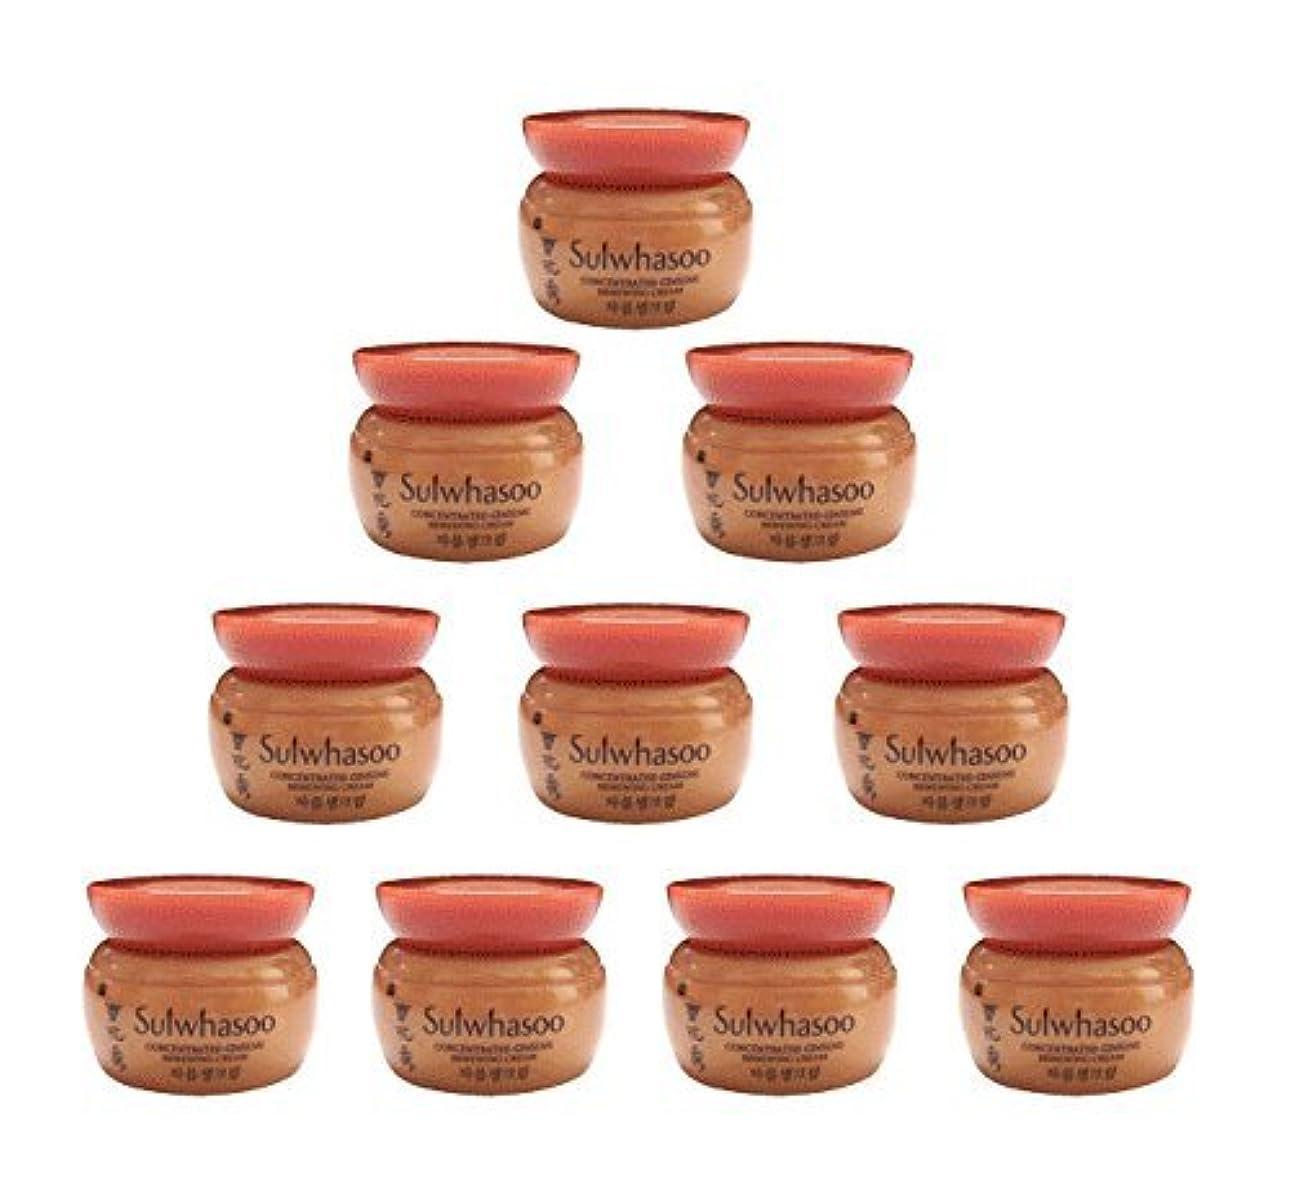 シンボル着替えるアテンダント【ソルファス 雪花秀 Sulwhasoo】 Concentrated Ginseng Renewing Cream(50ml) 5ml x 10個 韓国化粧品 ブランドのサンプル [並行輸入品]